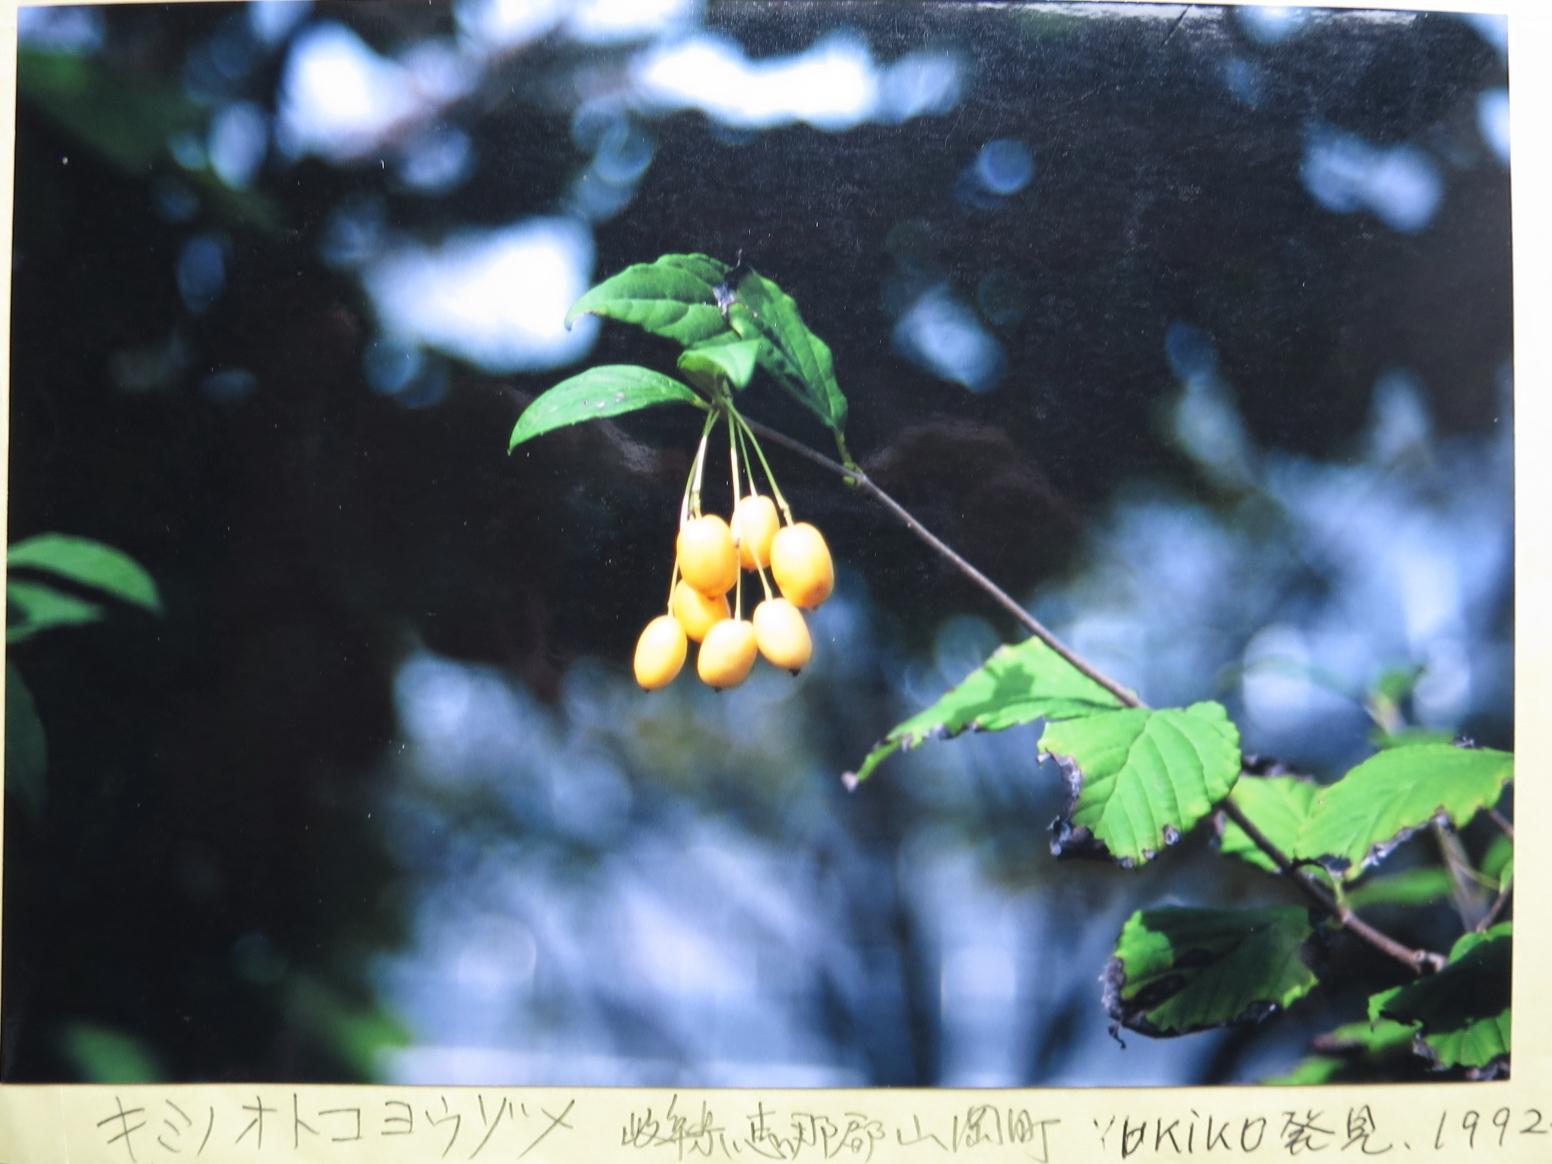 キミノオトコヨウゾメ